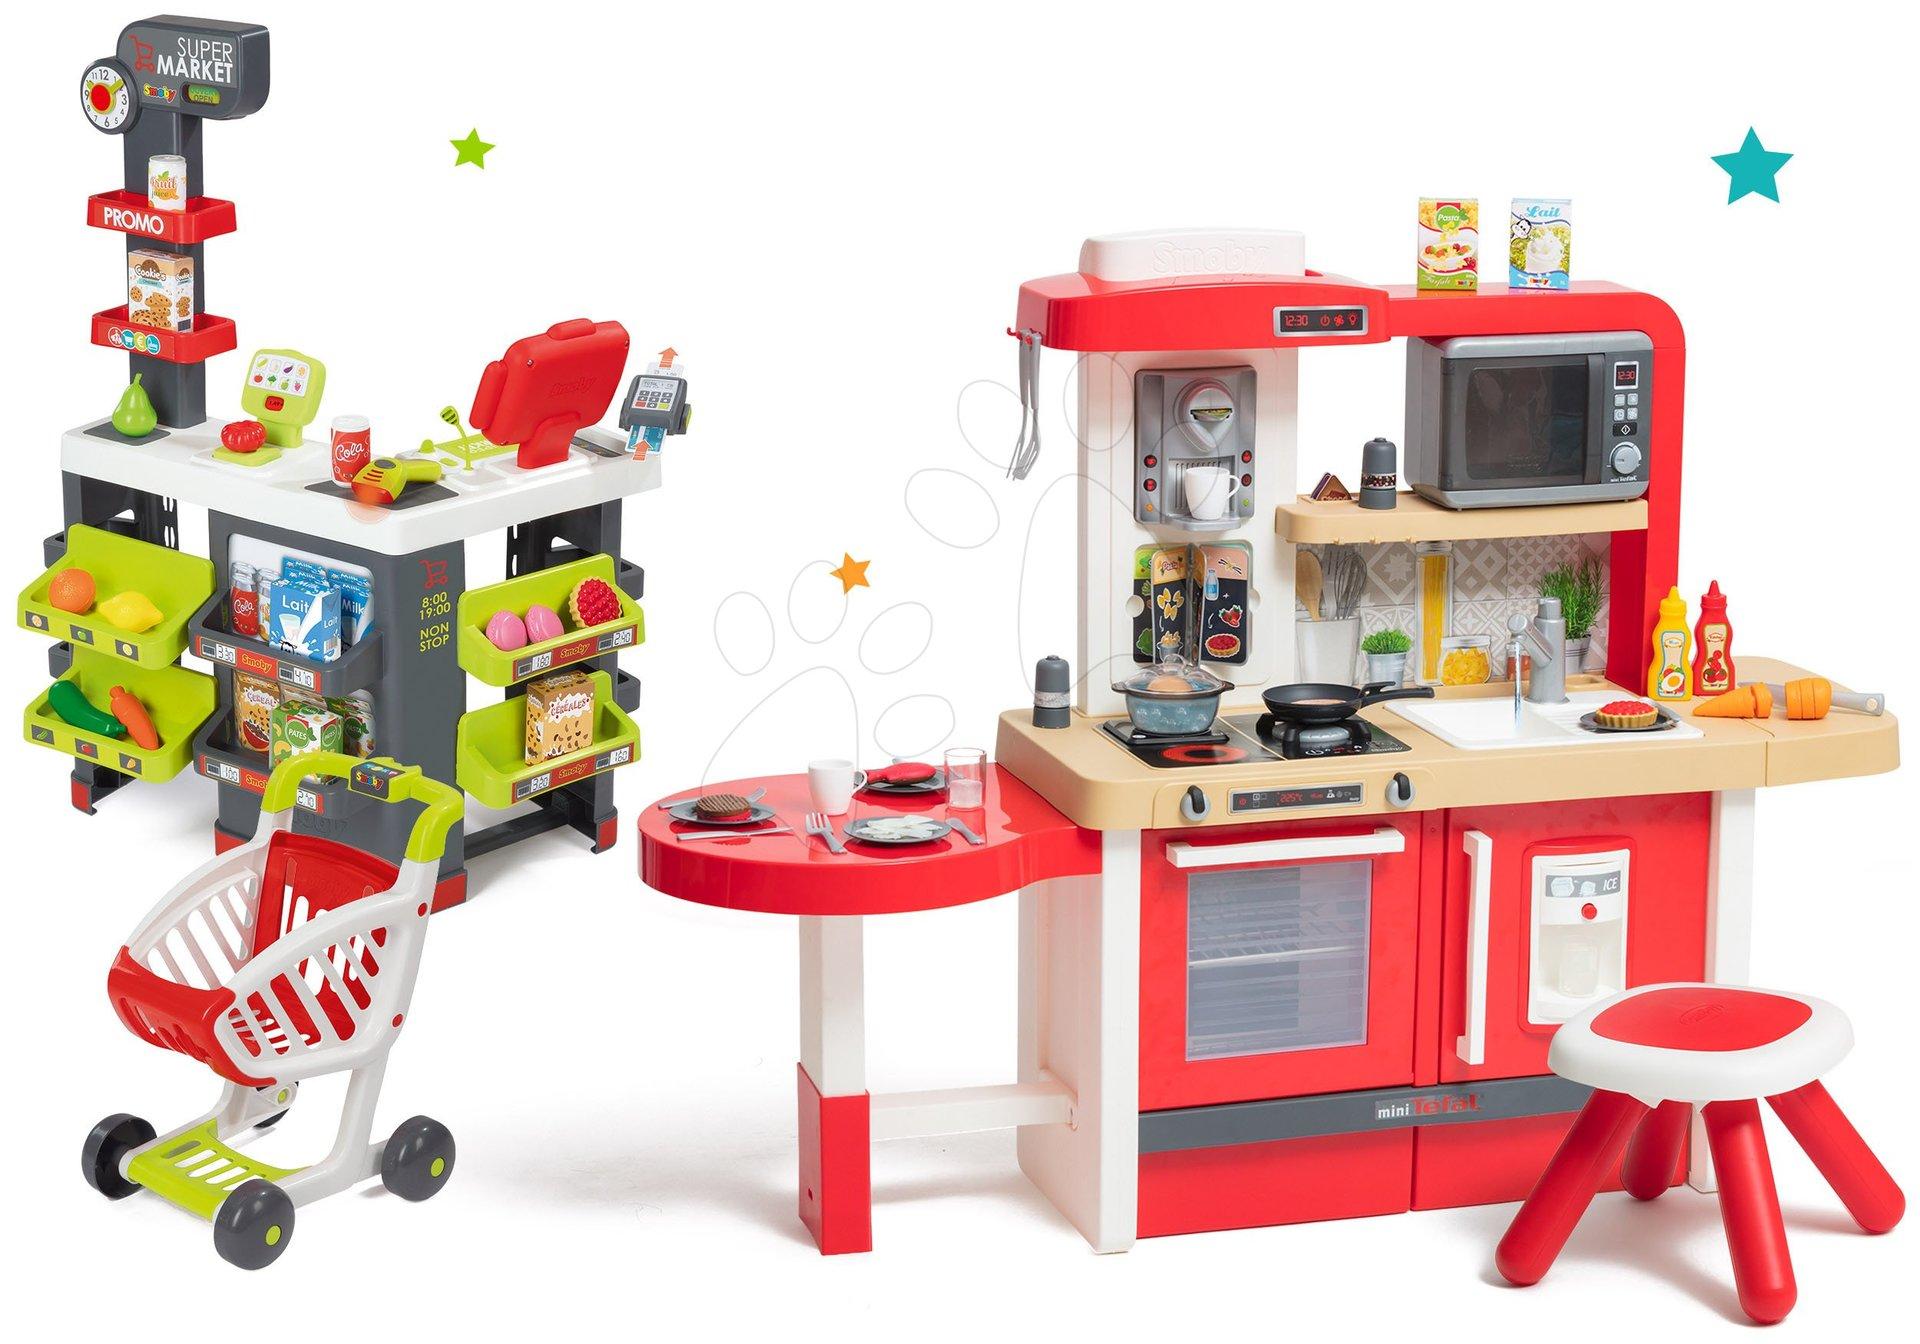 Set kuchyňka rostoucí s tekoucí vodou a mikrovlnkou Tefal Evolutive Smoby a obchod s vozíkem Supermarket